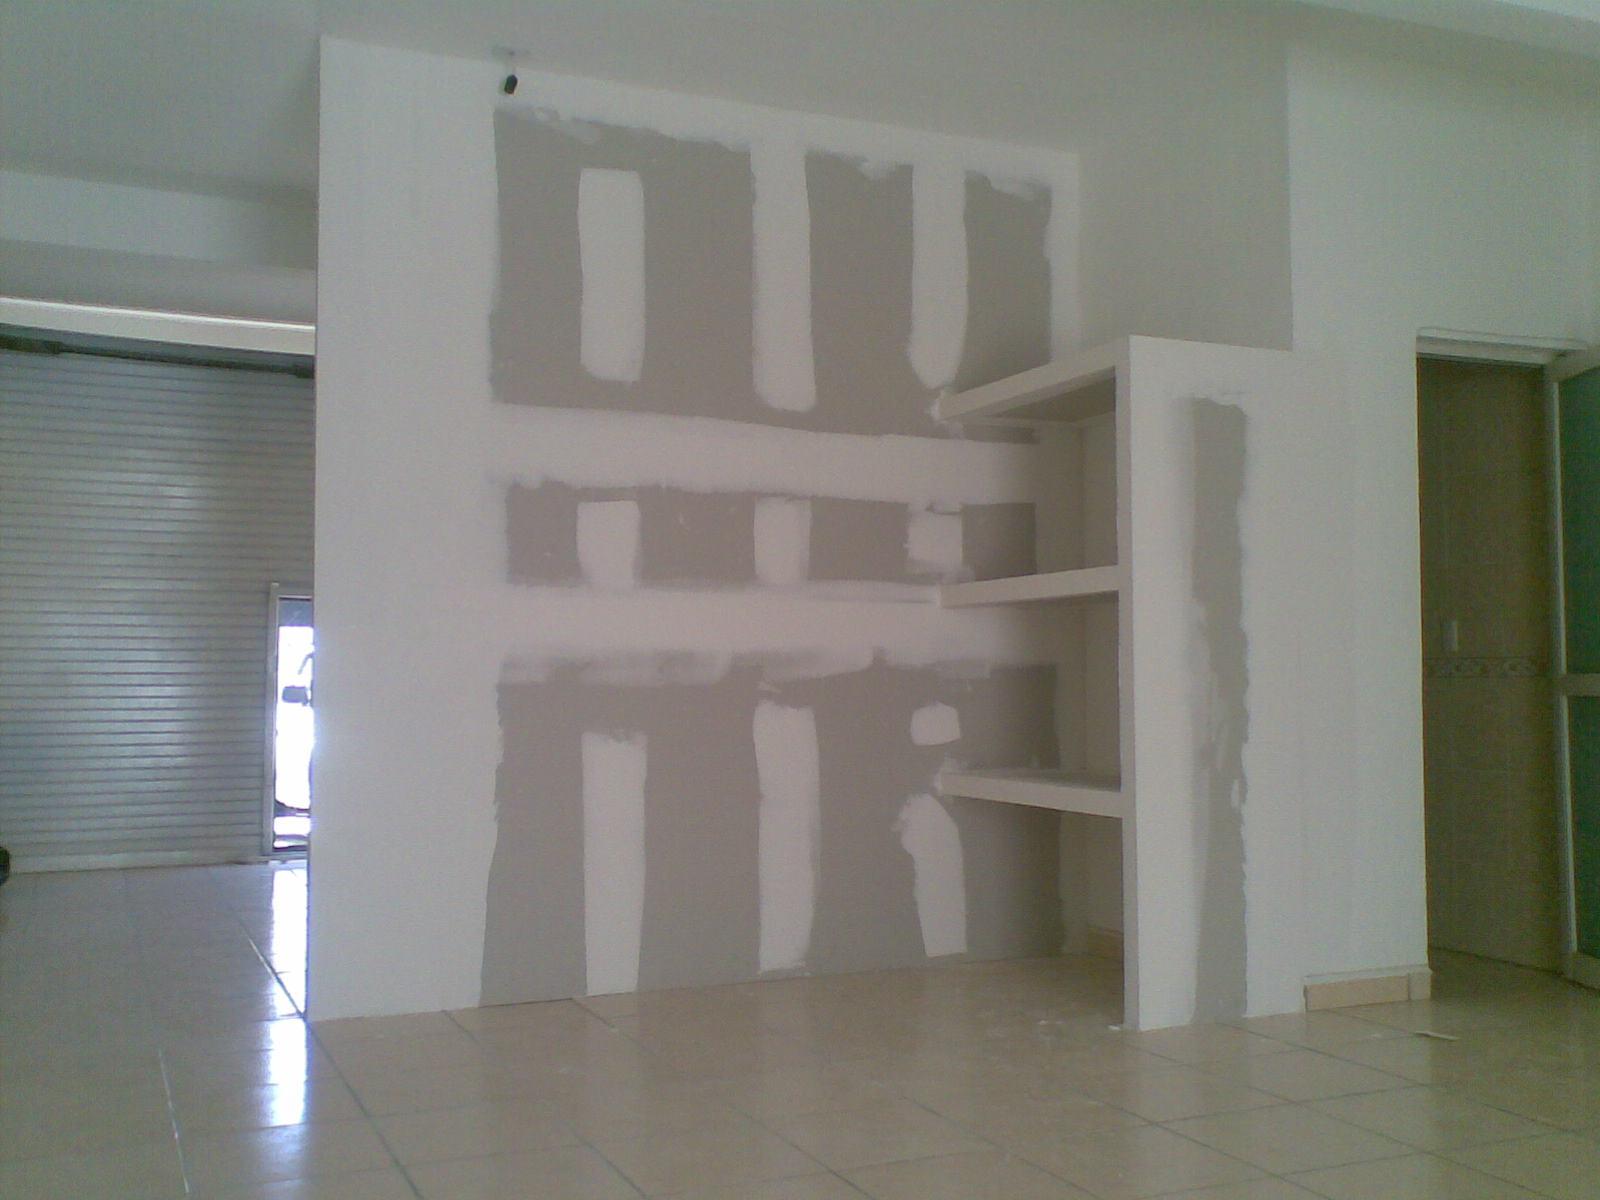 Muros tablaroca guadalajara imperllanta utilcel durock for Closets en guadalajara precios